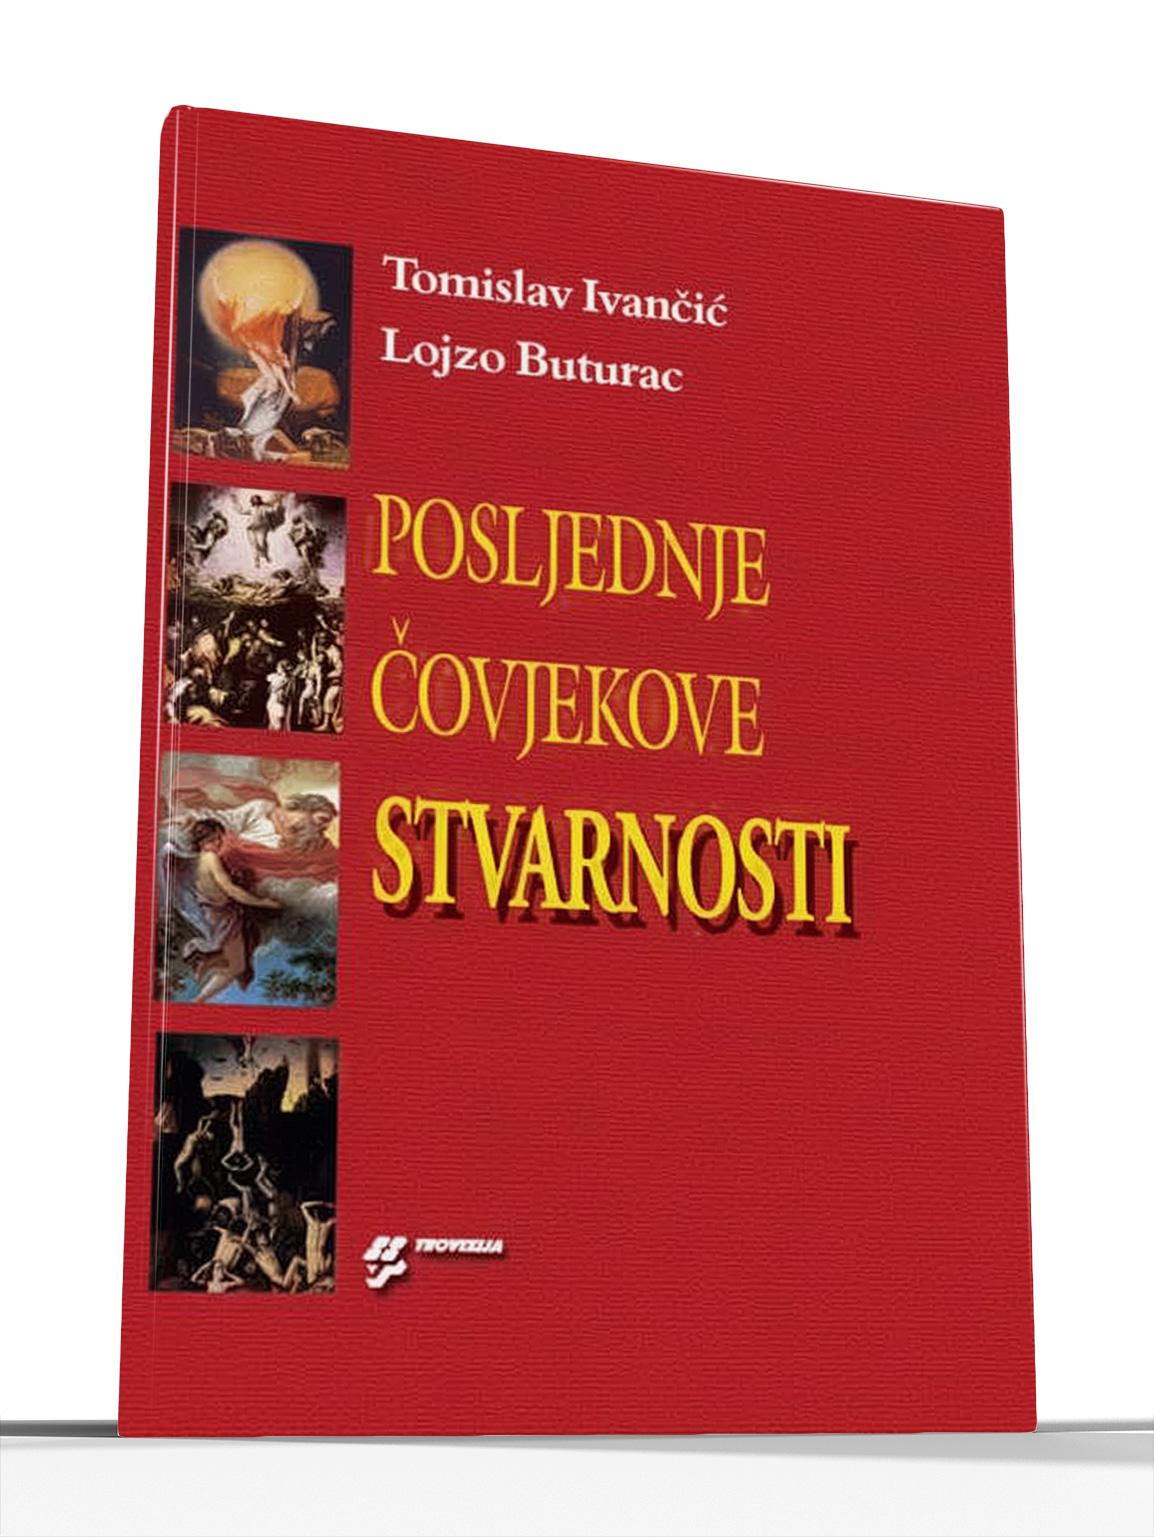 POSLJEDNJE ČOVJEKOVE STVARNOSTI - Tomislav Ivančić i Lojzo Buturac